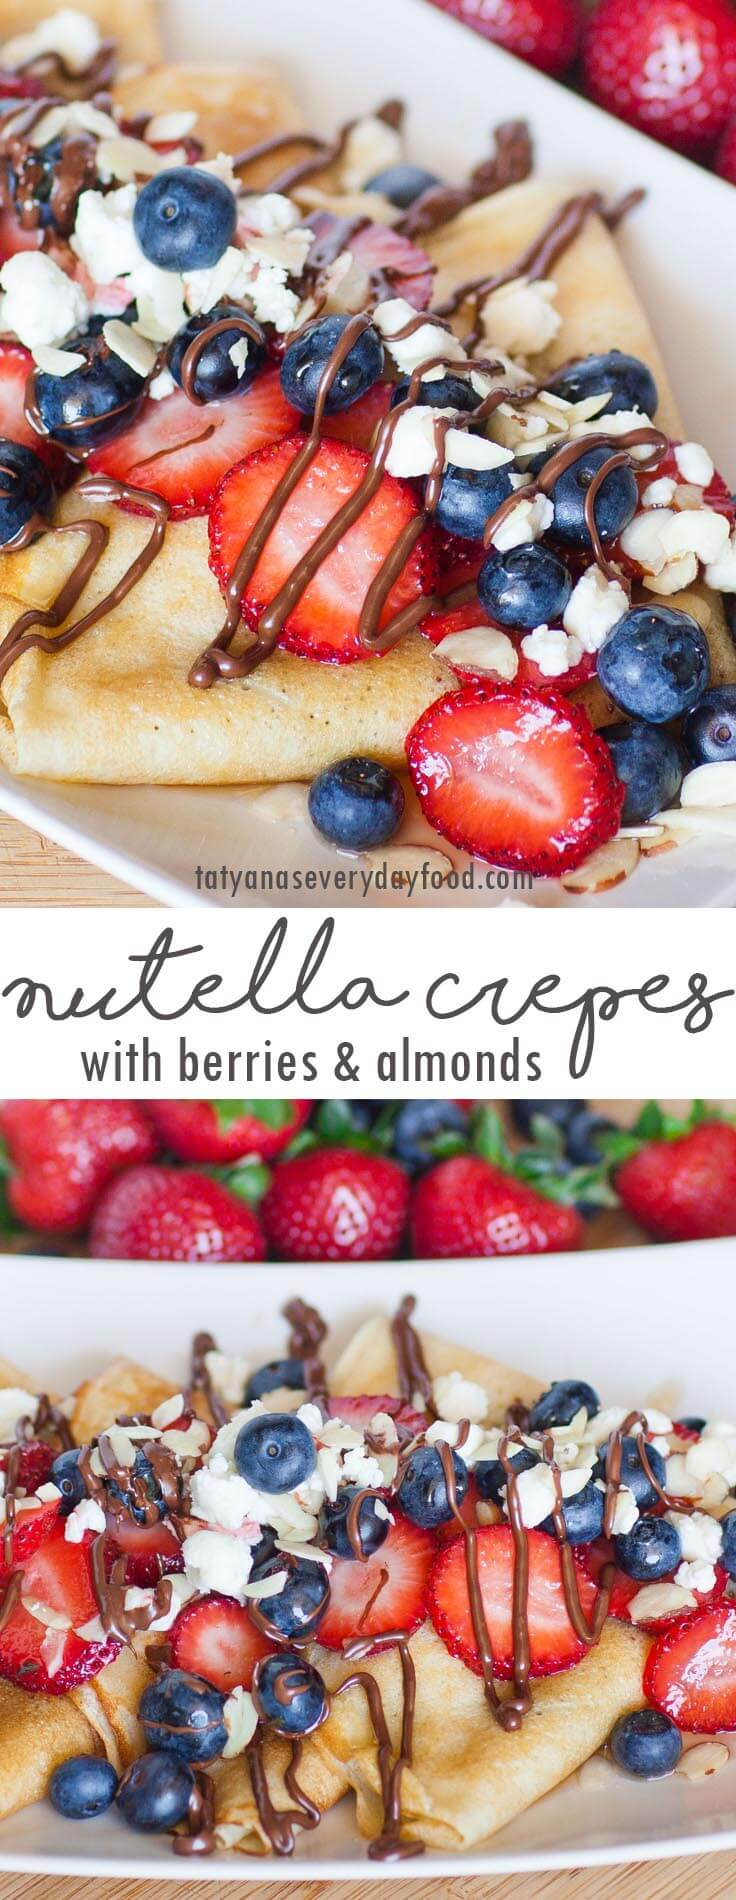 Berry Nutella Crepes recipe video recipe